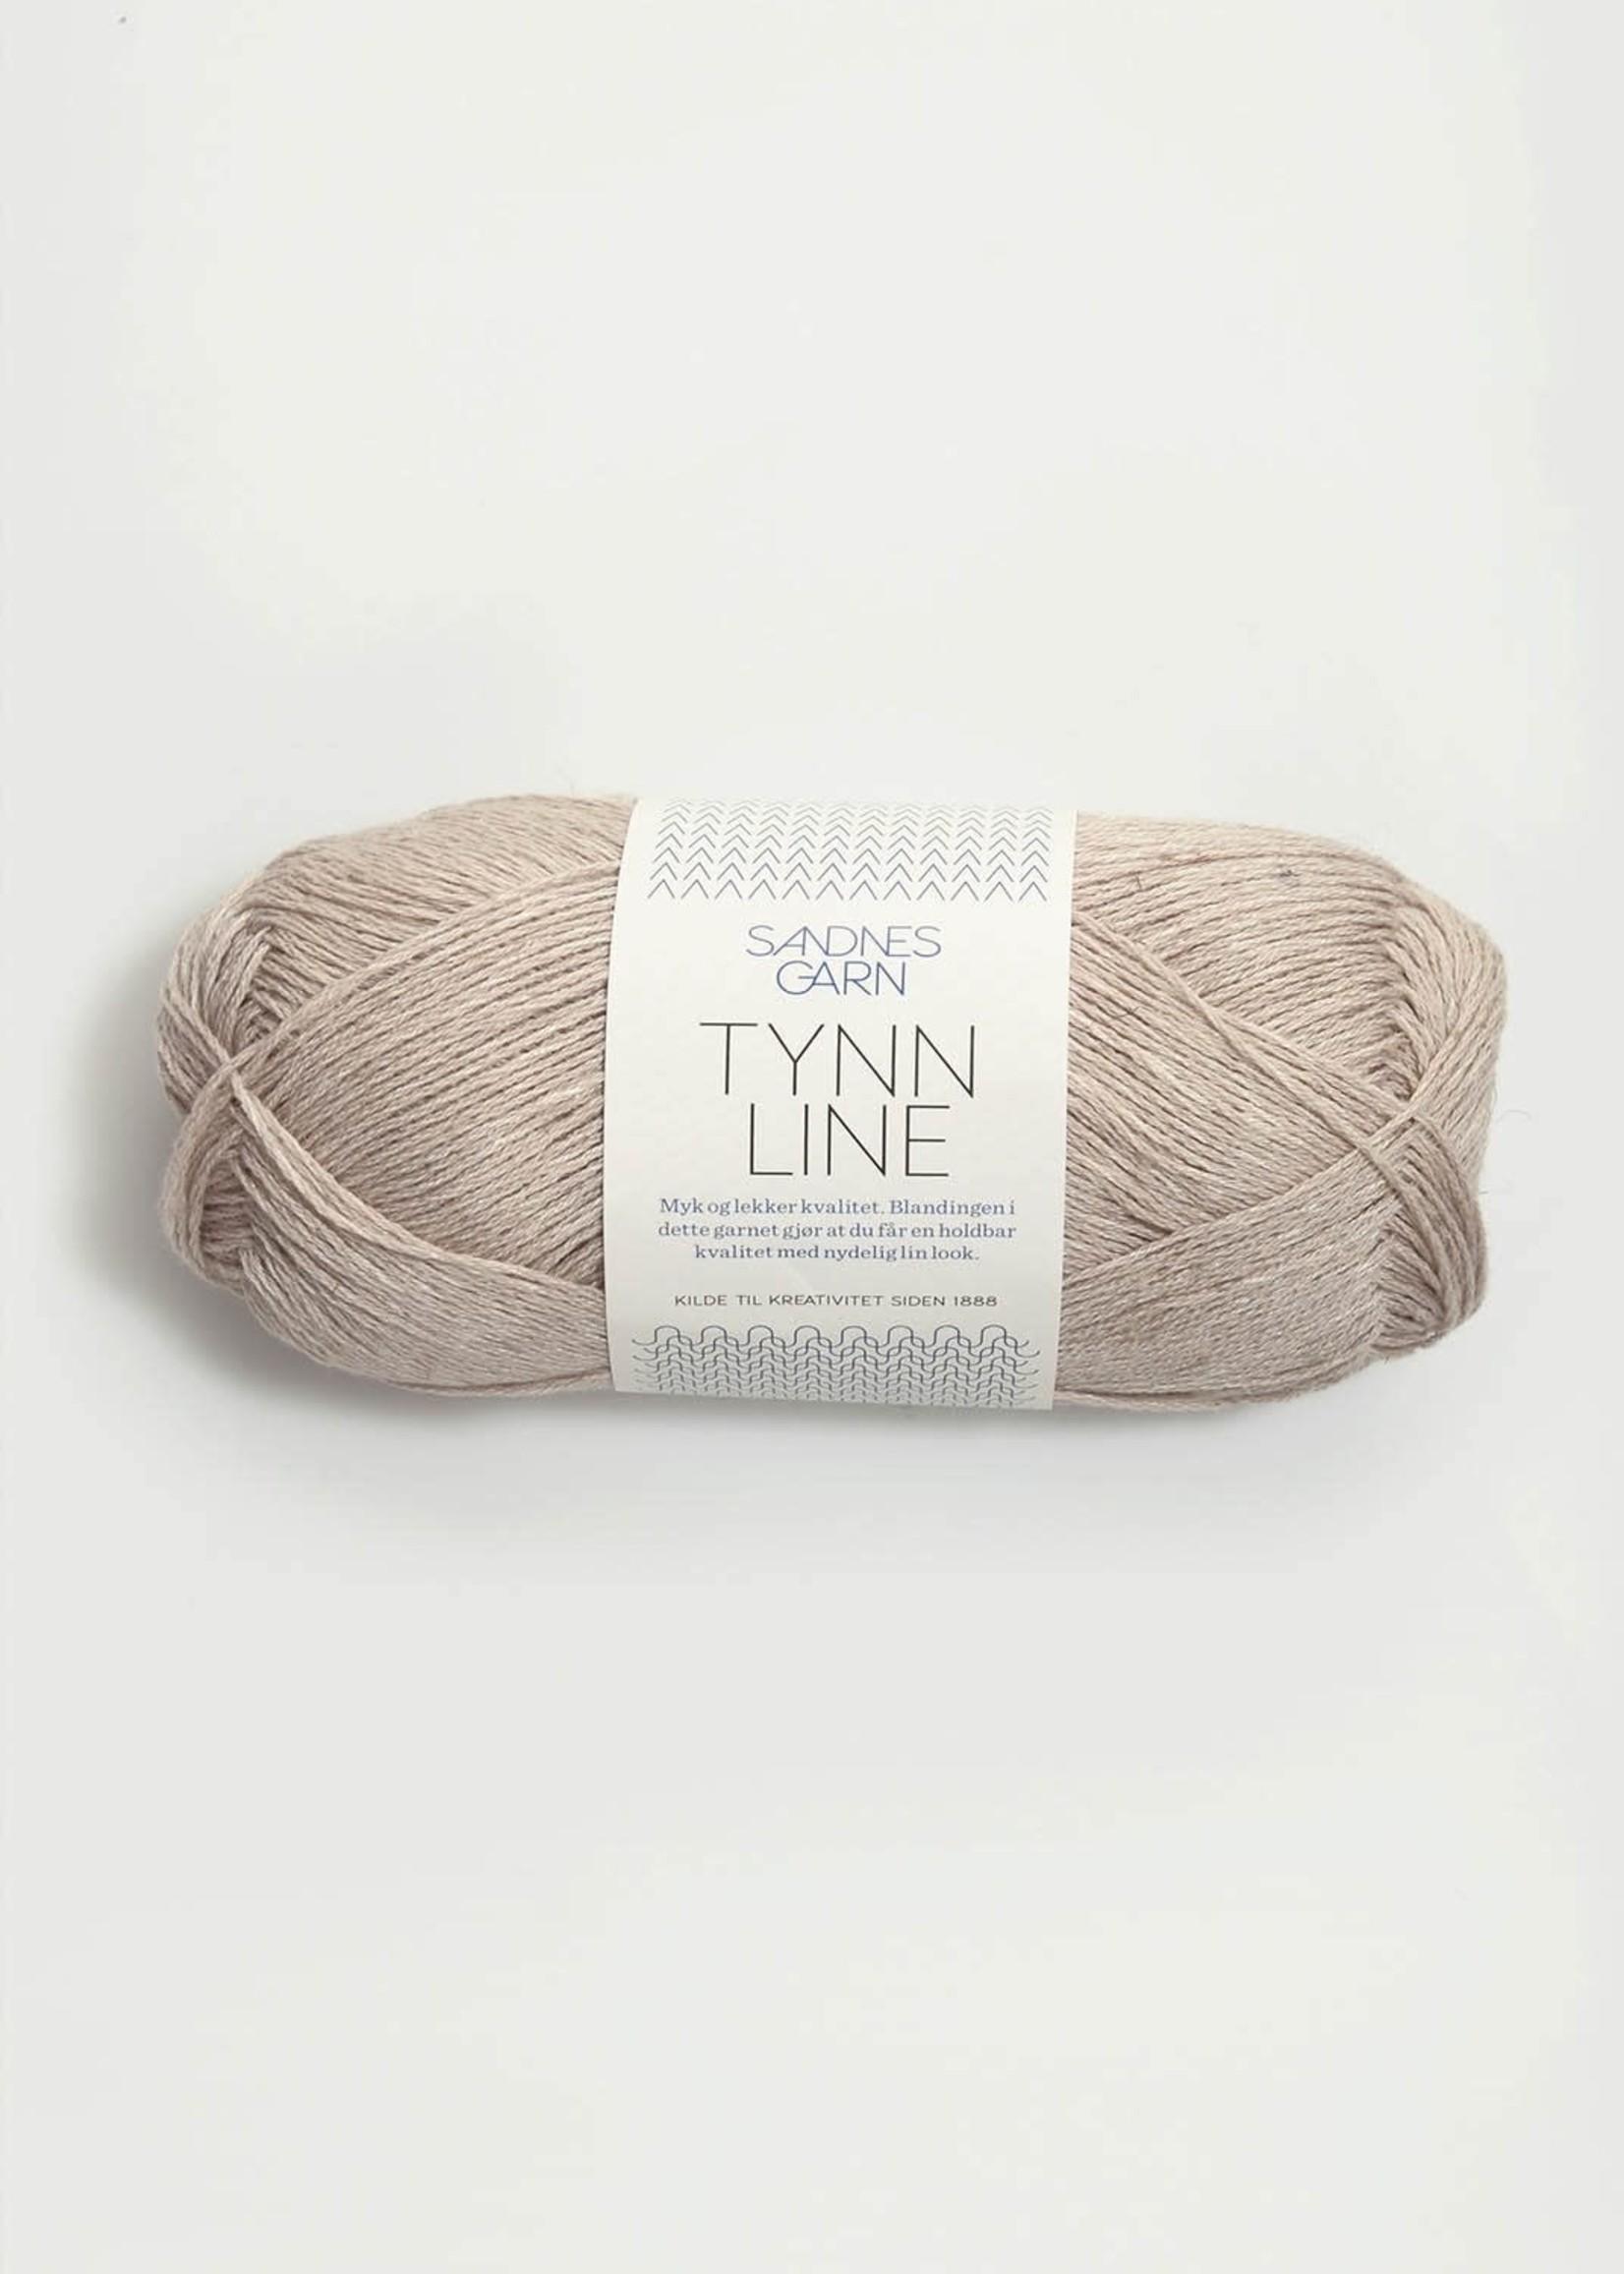 Sandnes Garn Tynn Line - Lys Beige #2331